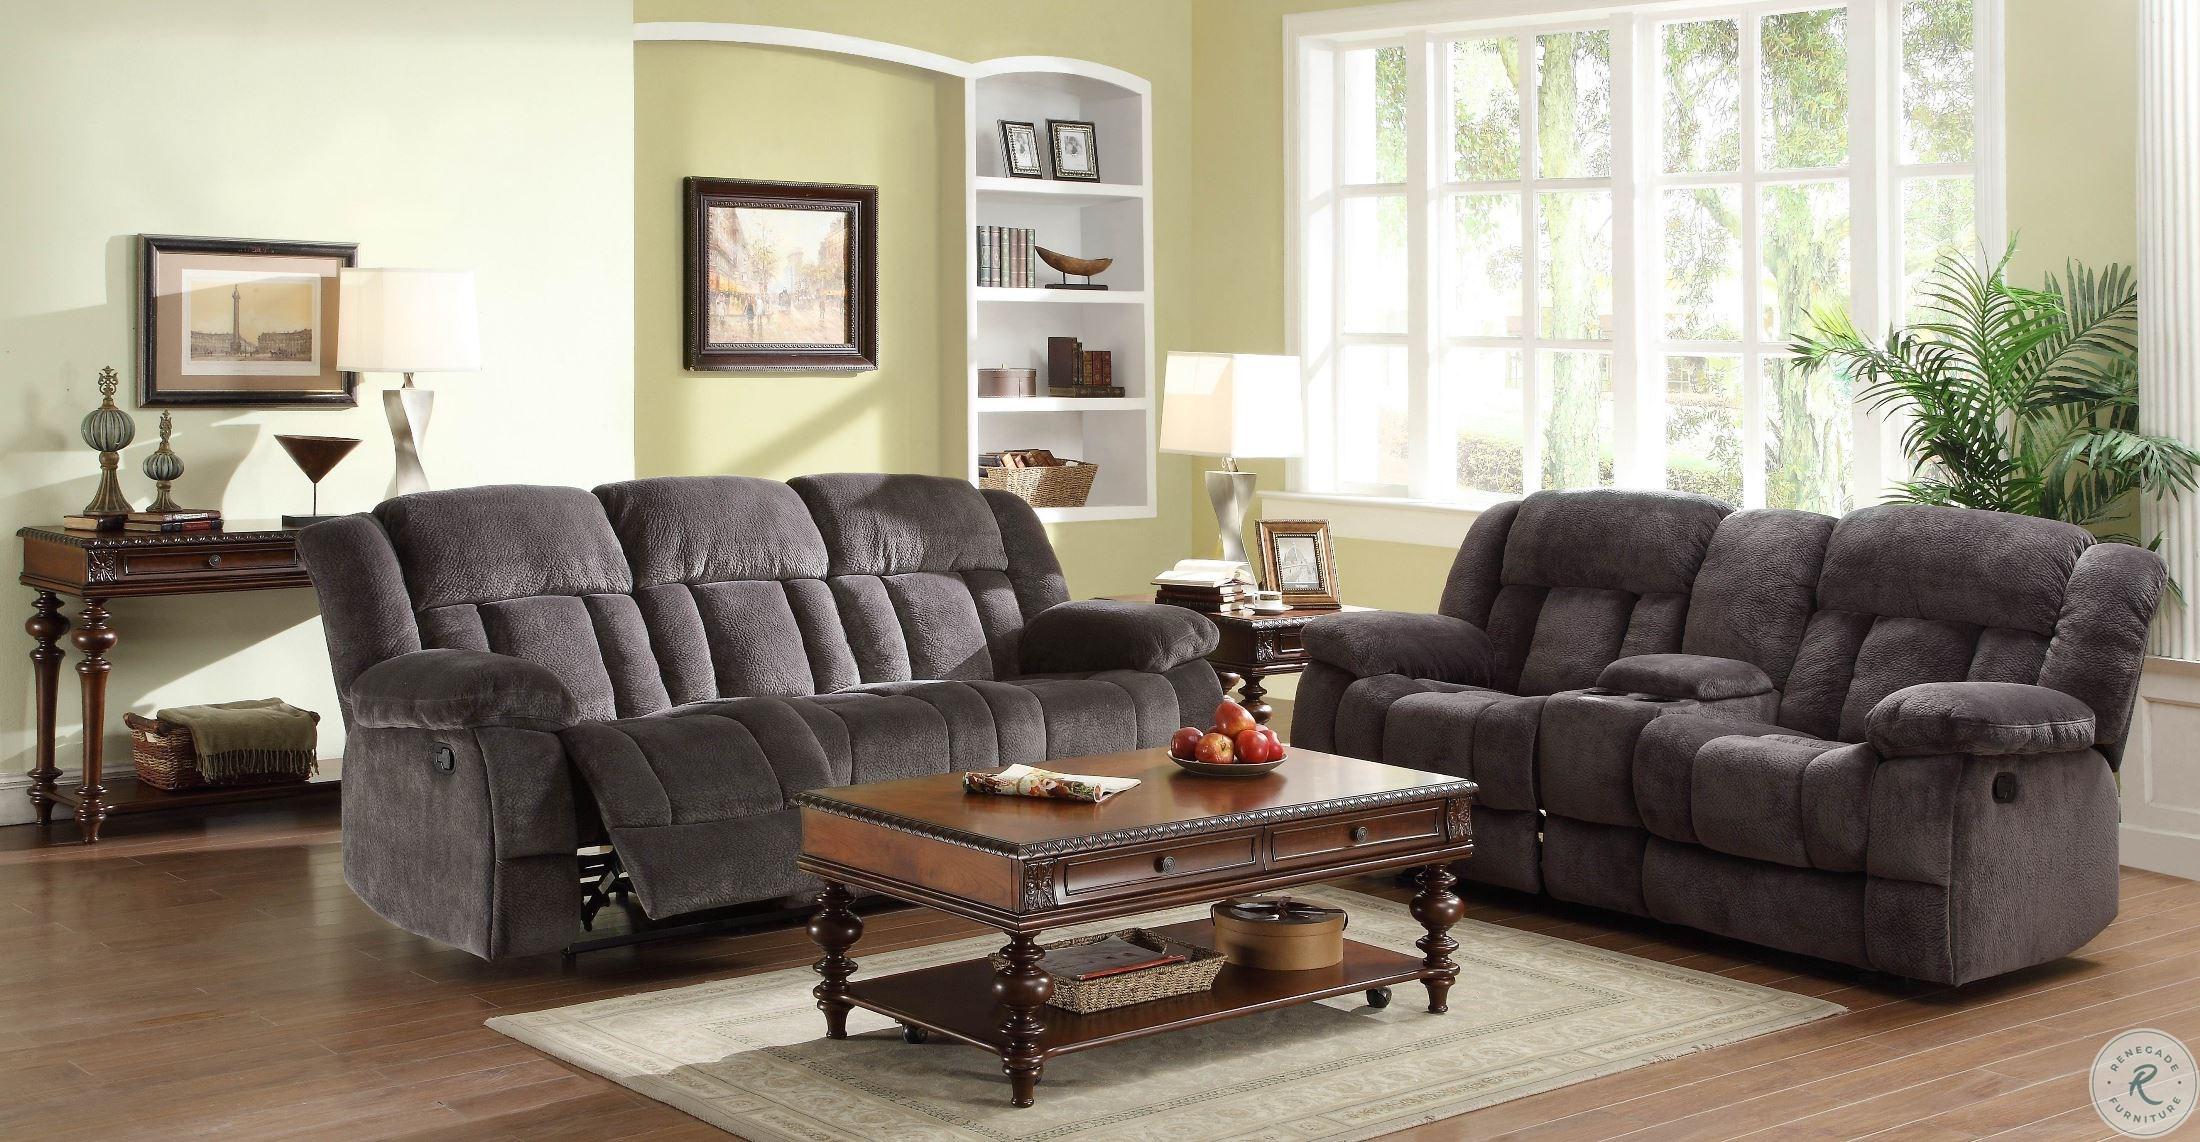 Tremendous Laurelton Doble Glider Reclining Loveseat With Center Console Inzonedesignstudio Interior Chair Design Inzonedesignstudiocom